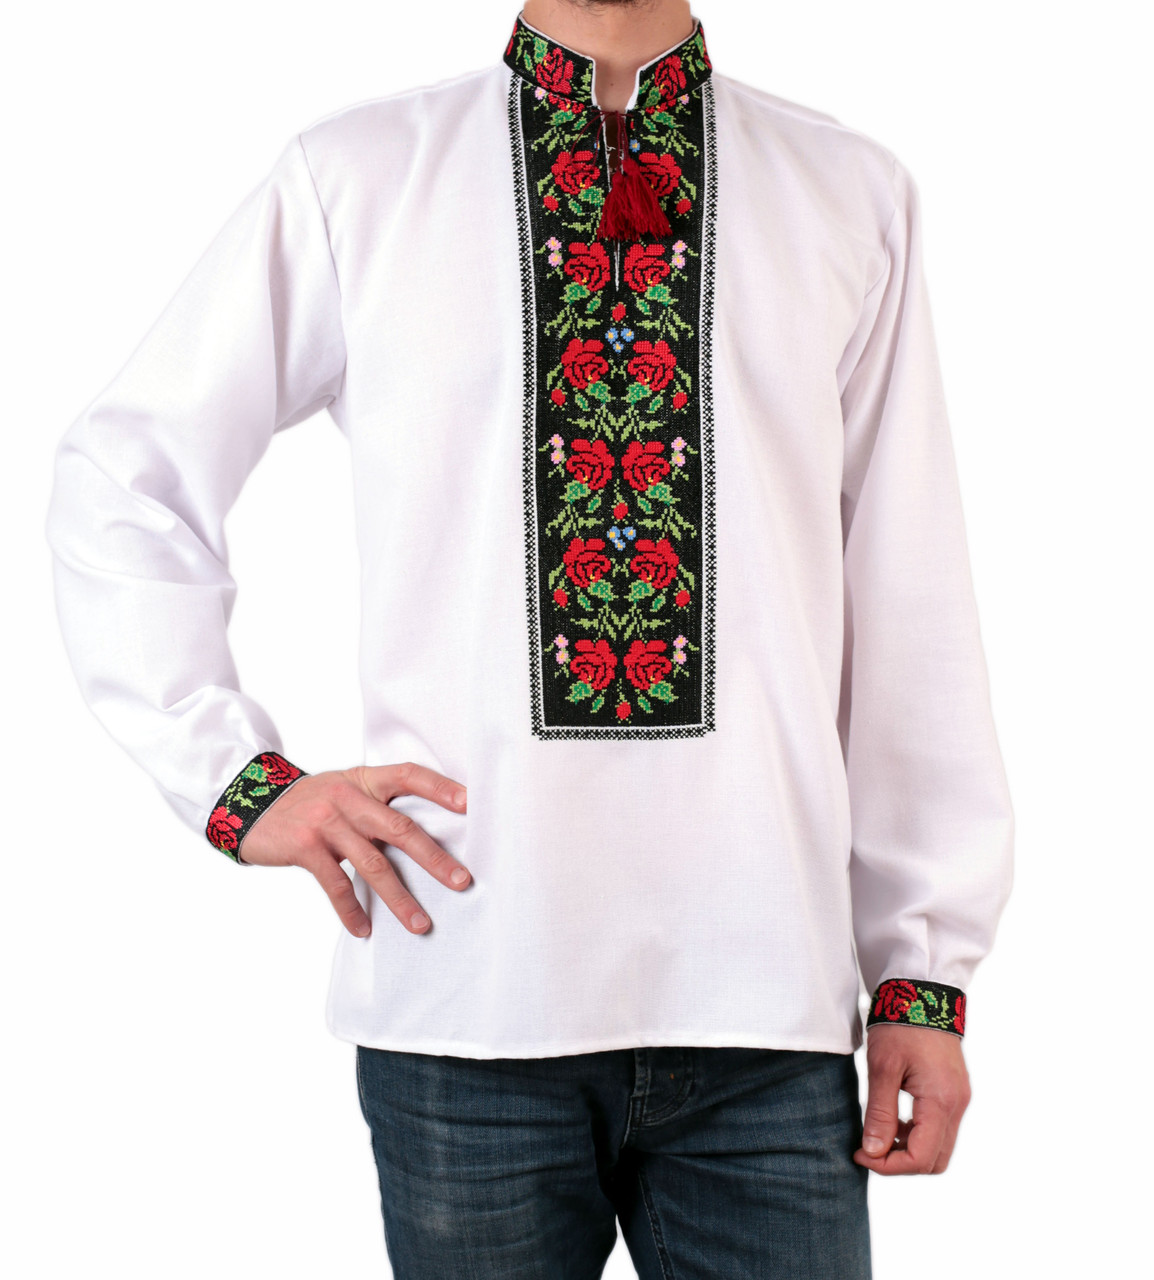 Біла чоловіча вишиванка на довгий рукав з квітковим орнаментом машинної роботи